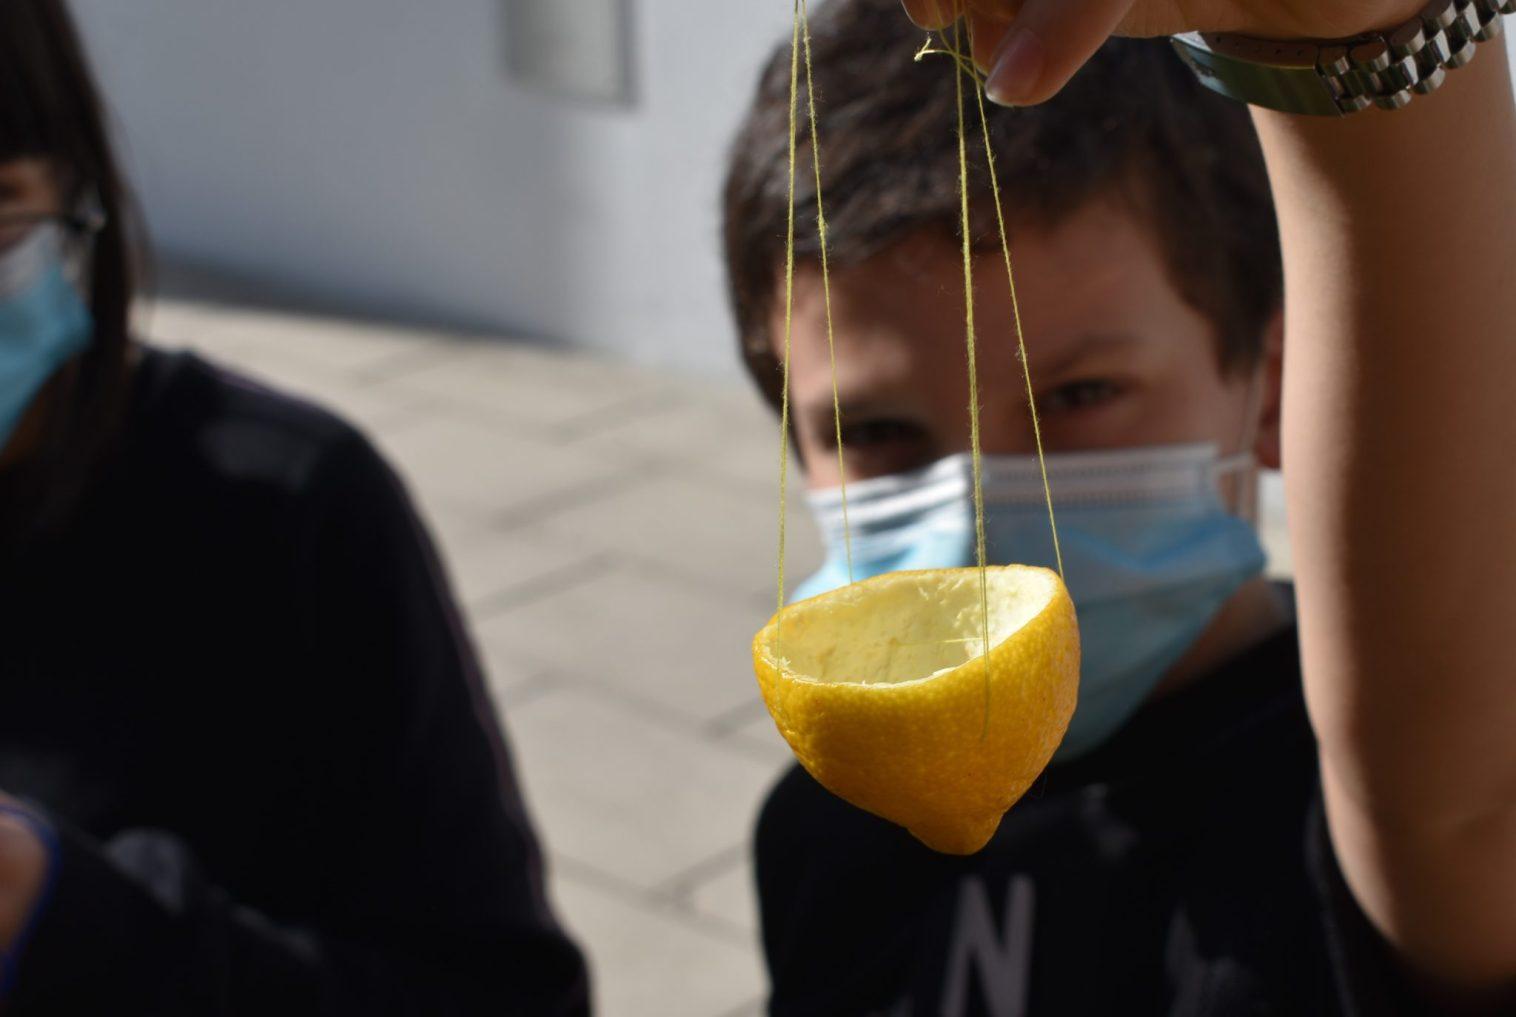 Comedor construído a partir de casca de limão